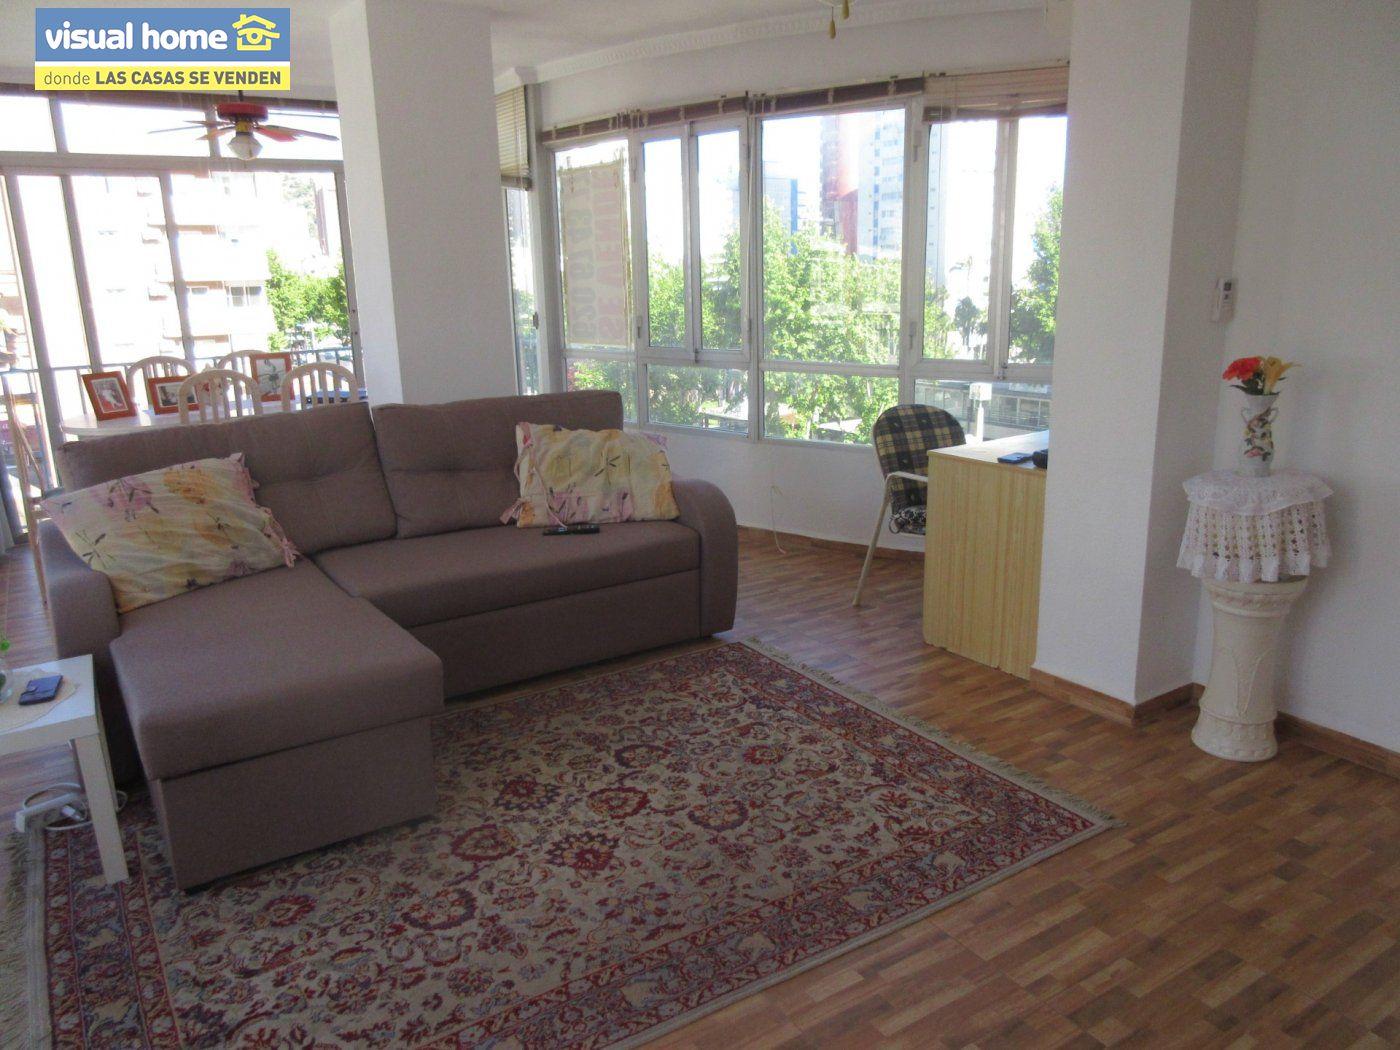 Apartamento todo exterior en Av/ Mediterráneo con garaje y piscina a 50 mts de la playa 19